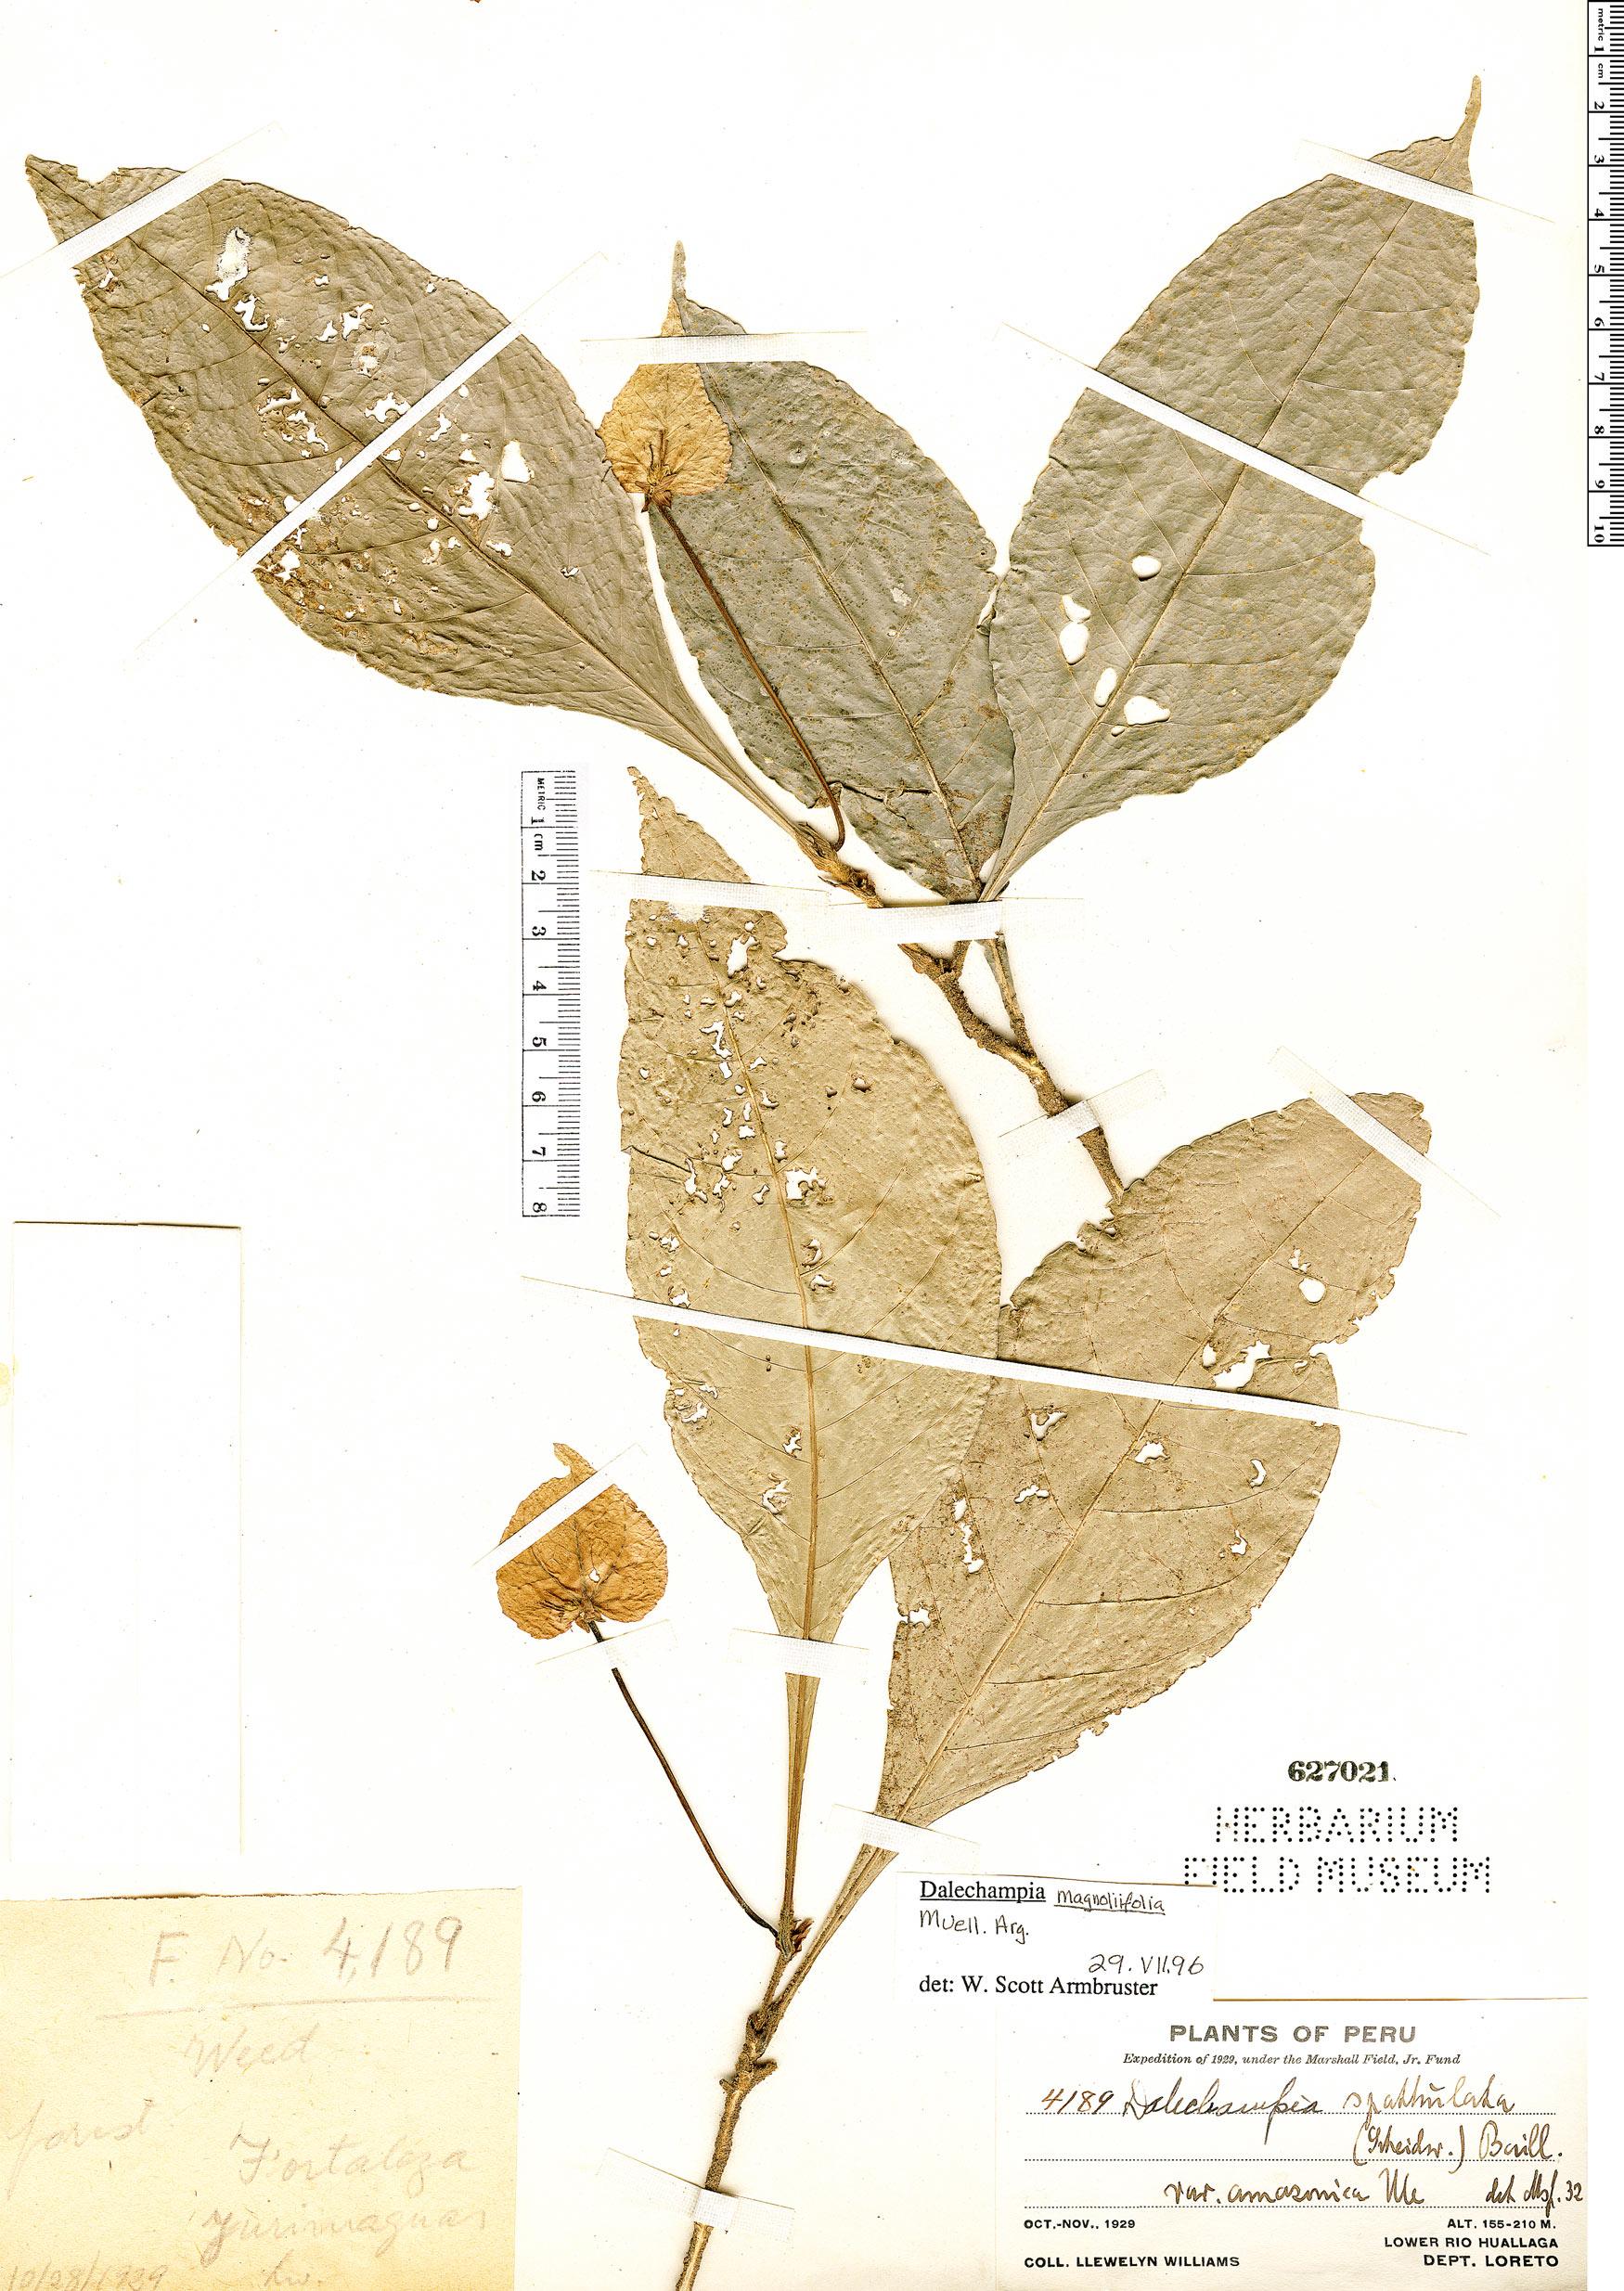 Specimen: Dalechampia magnoliifolia